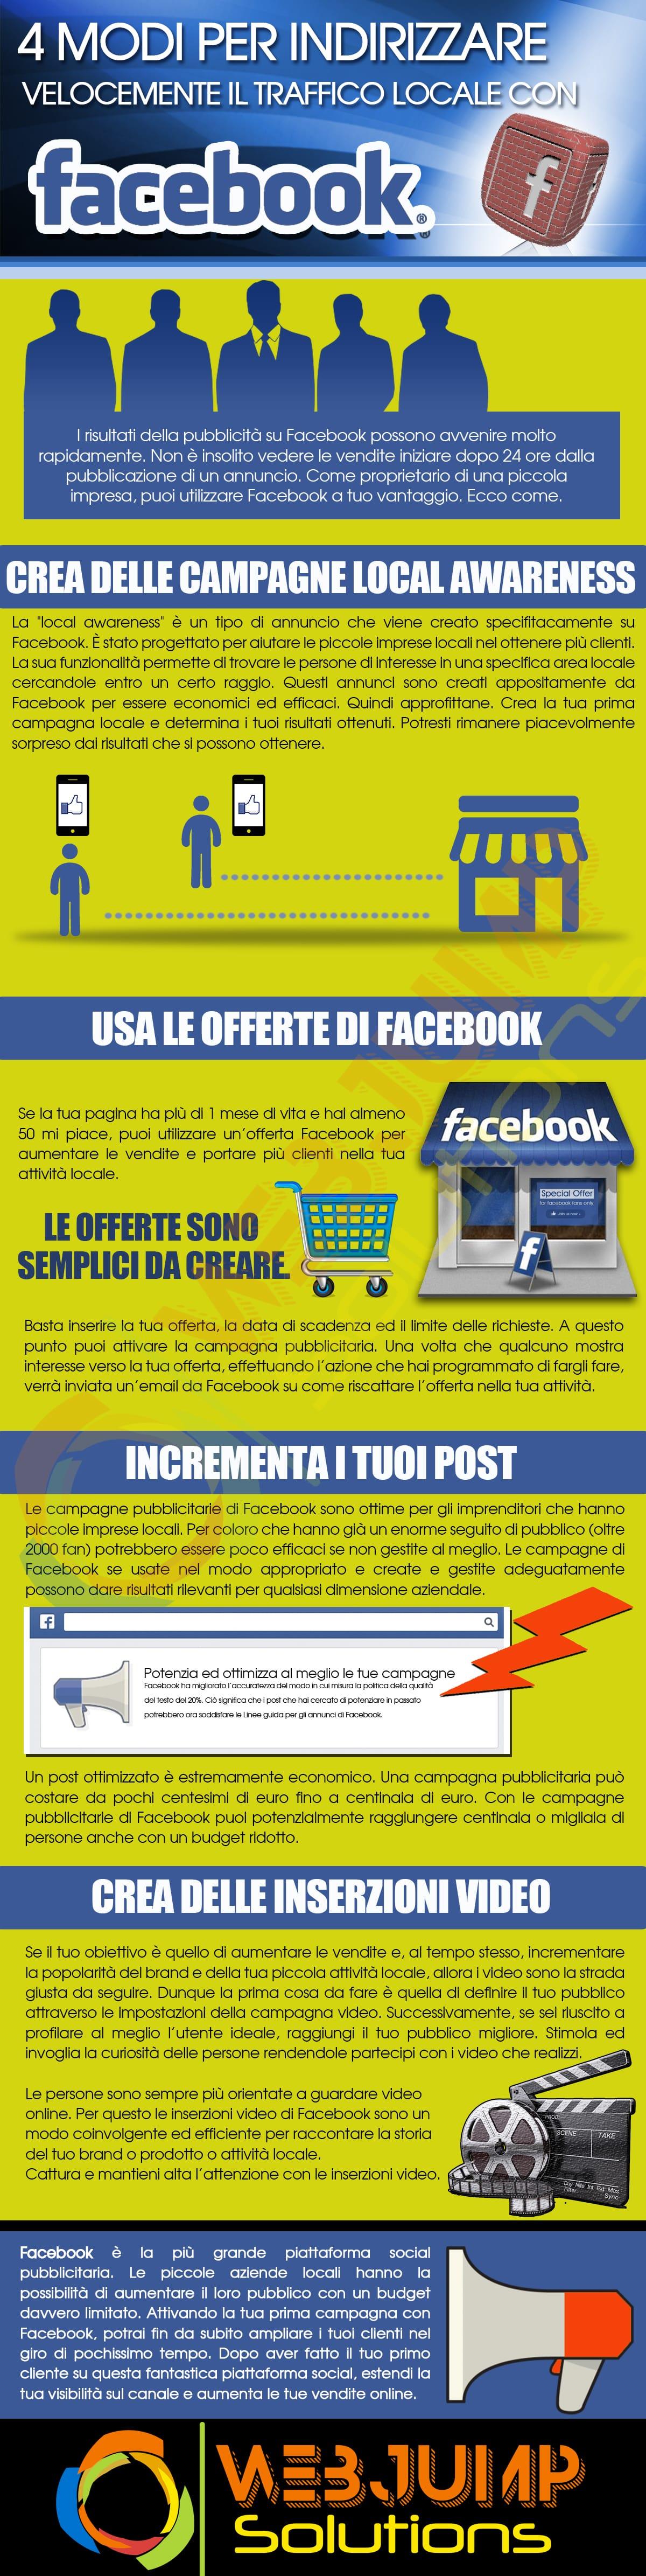 modi per indirizzare traffico locale con Facebook